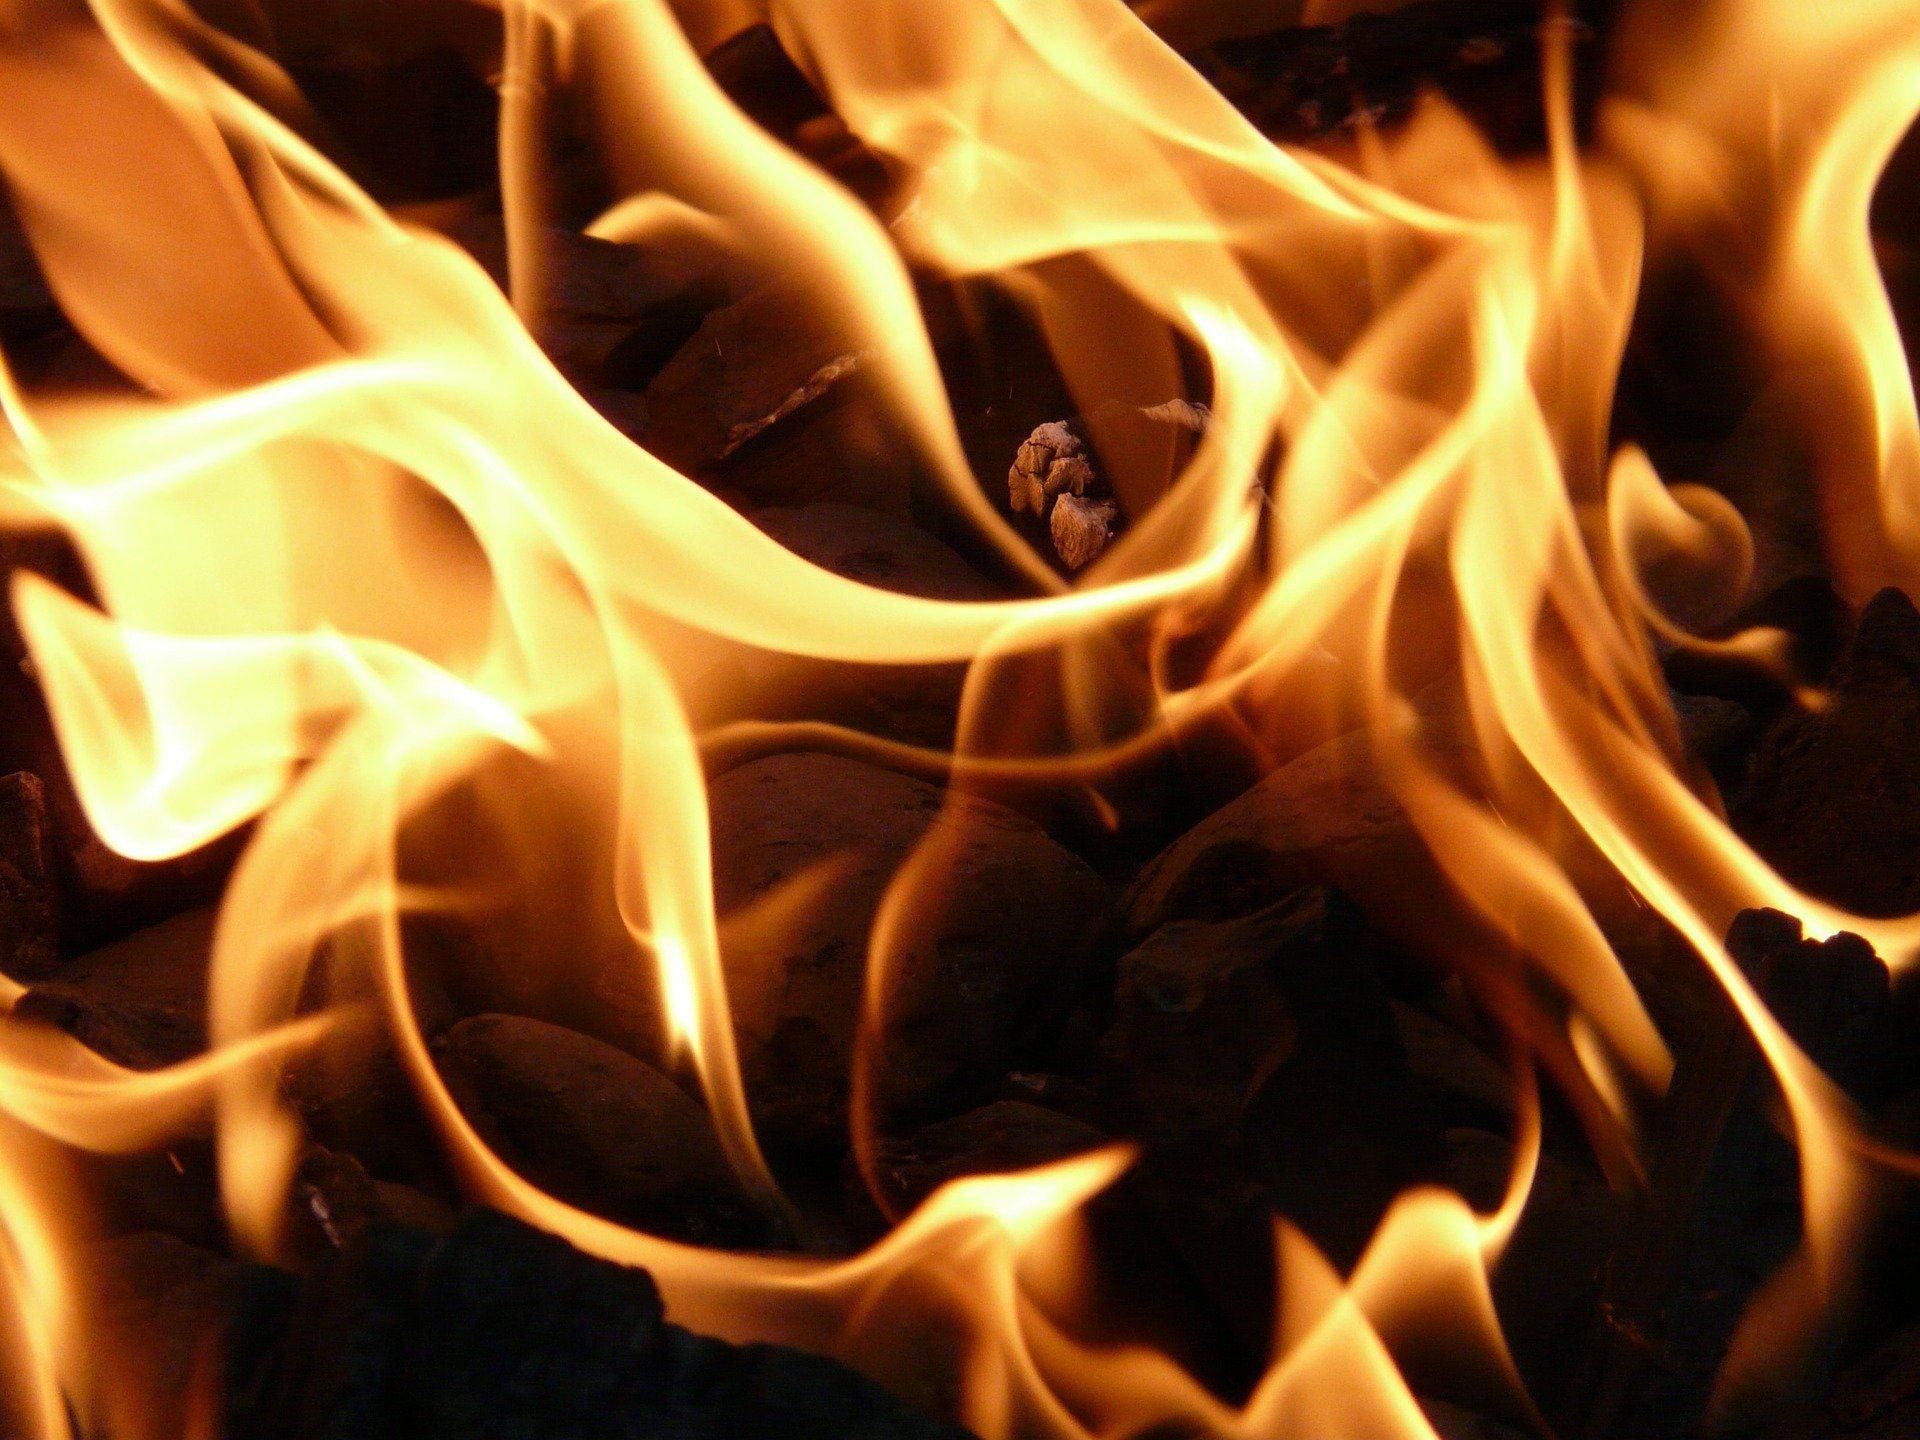 अपहरण के बाद नौसेना अधिकारी की जला कर हत्या